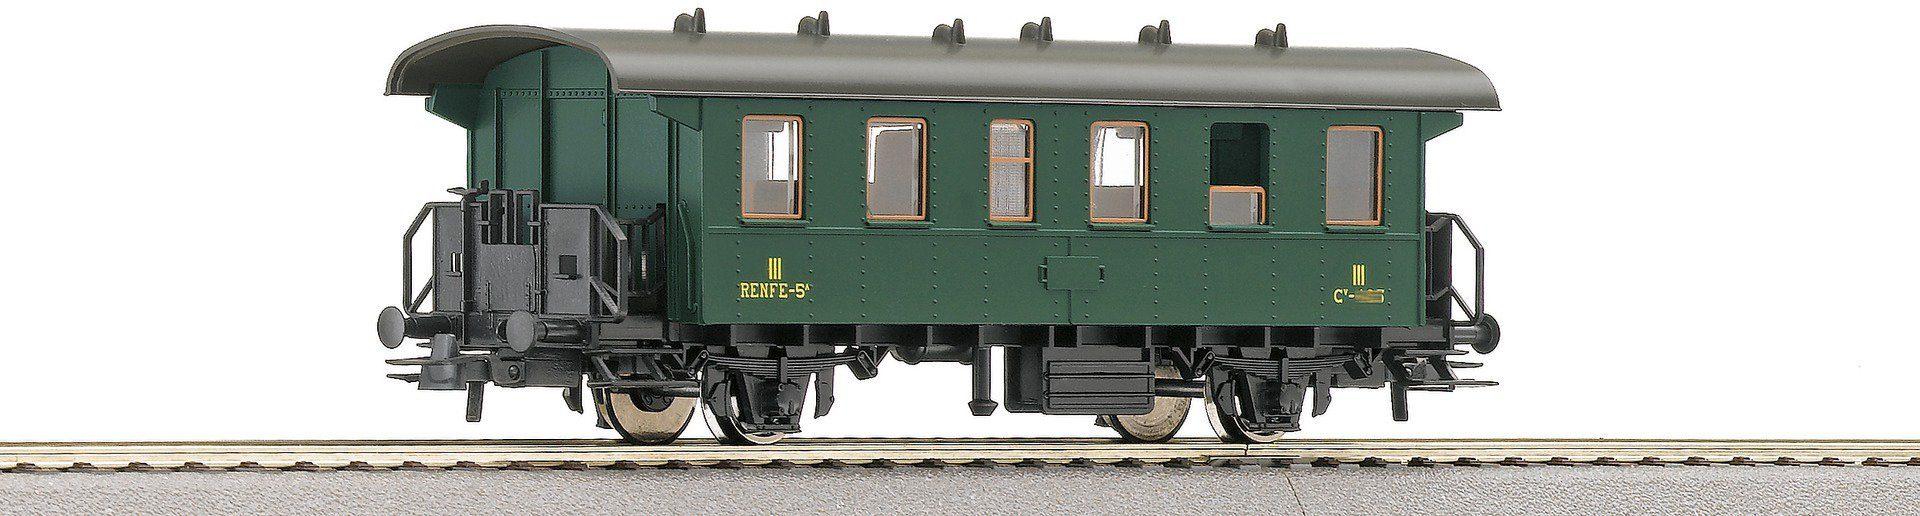 Roco Personenwagen, Spur H0, »3. Klasse Renfe - Gleichstrom«